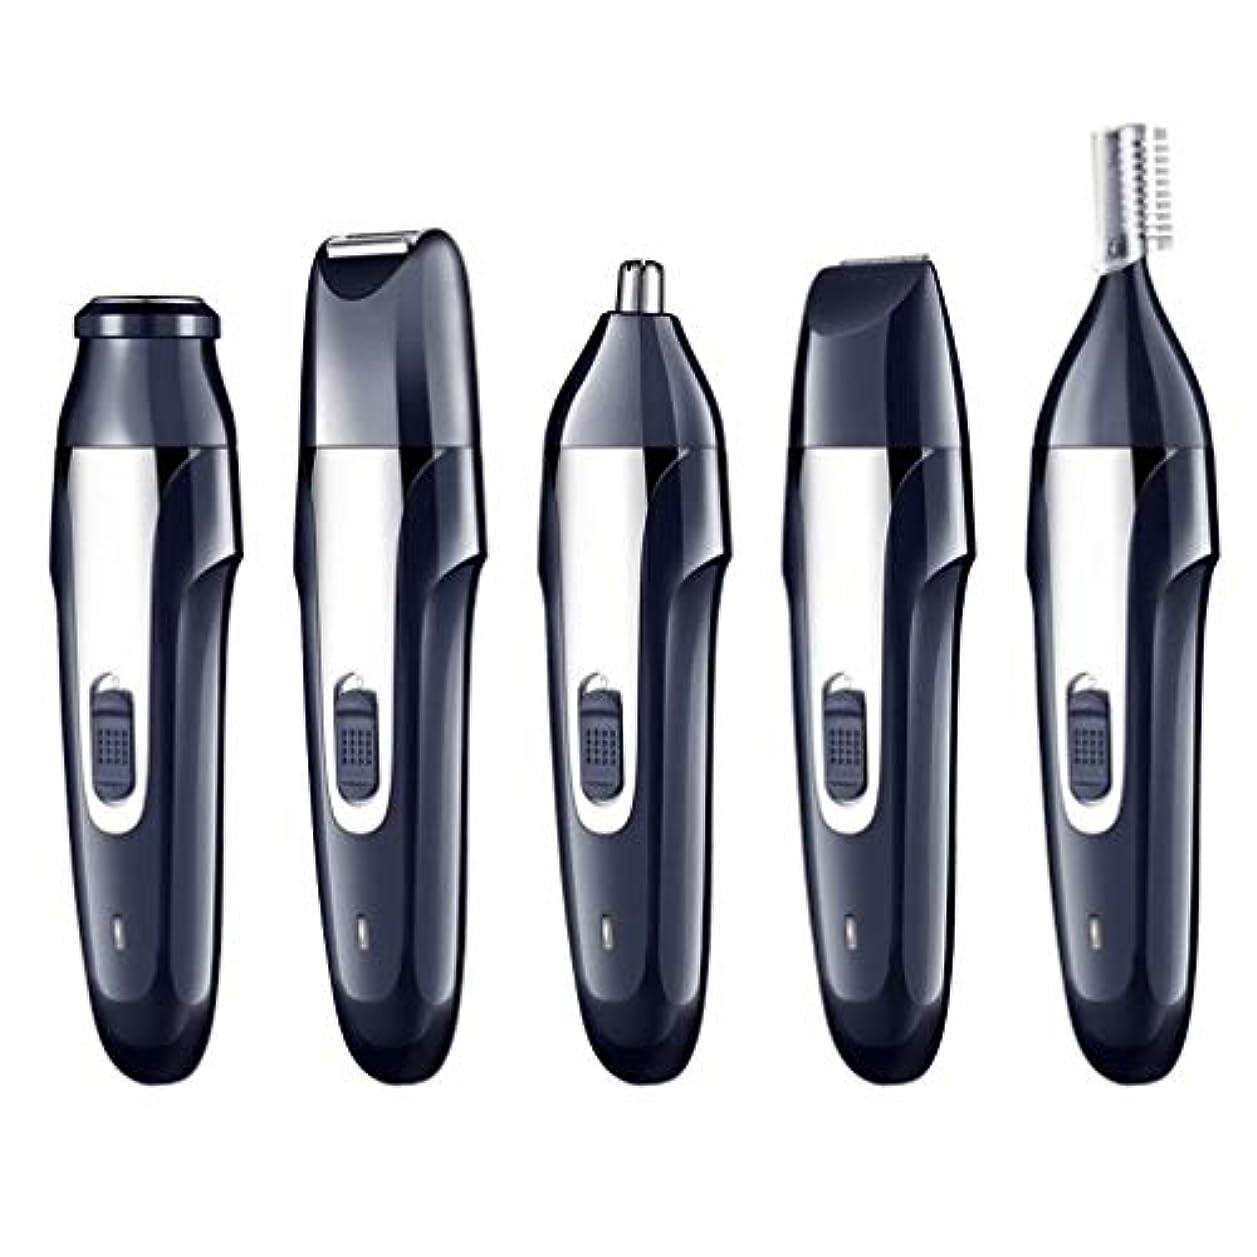 コンピューター汚す無視できる鼻毛トリマー - 電動脱毛器具、USB充電器、リップヘア、眉毛形削りナイフ、5つ1つ、ポータブル、ユニセックス (Color : 1)